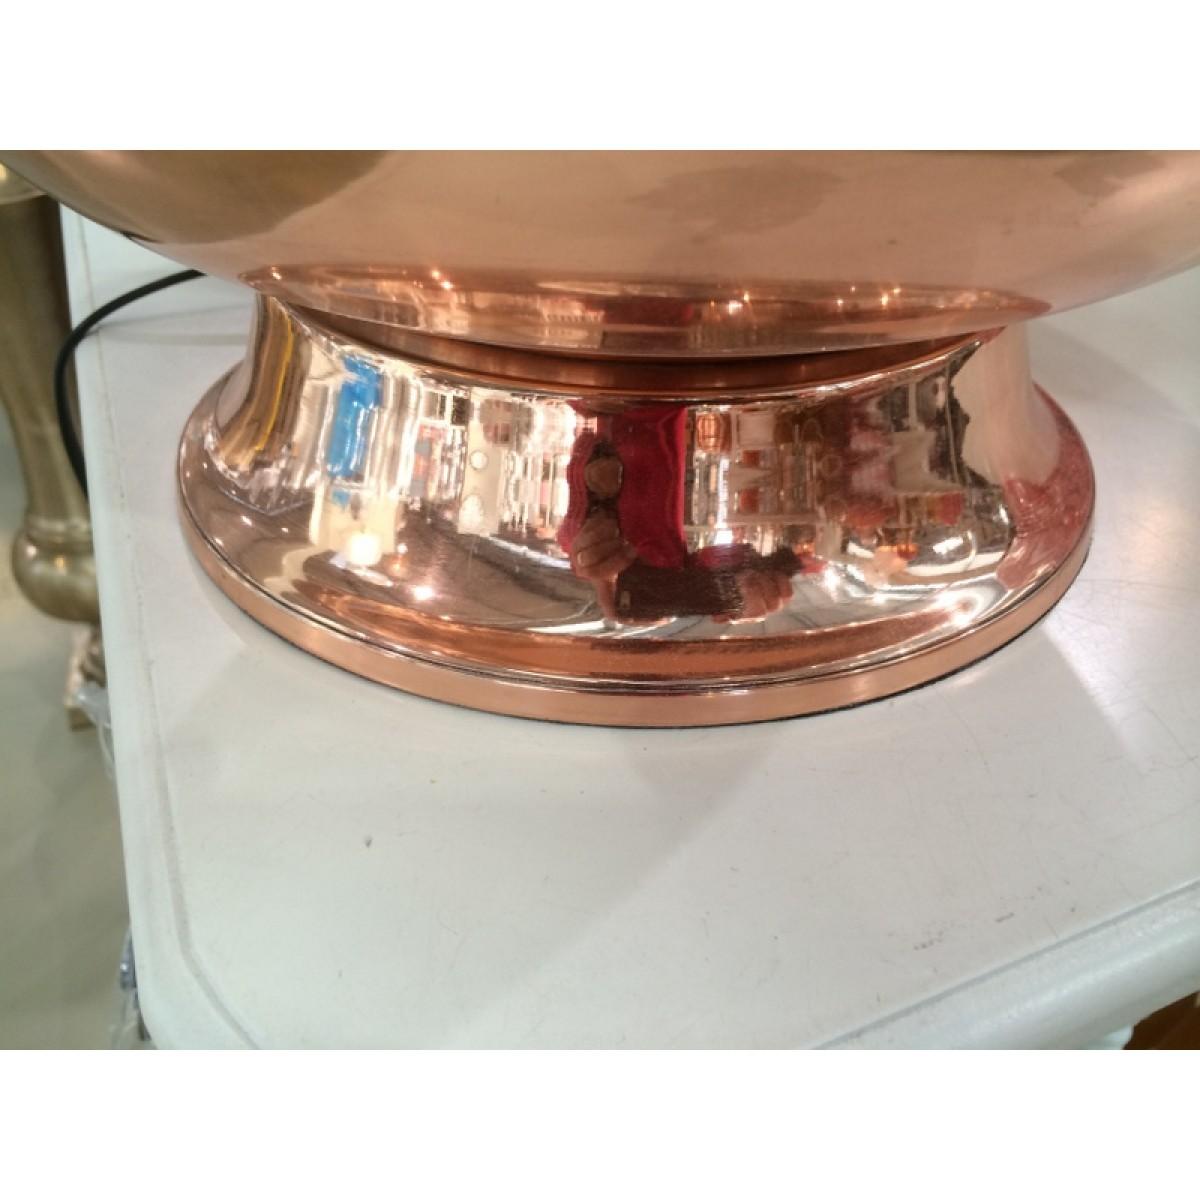 tischlampe farbe kupfer mit lampenschirm wei tischleuchte farbe kupfer h he 80 cm. Black Bedroom Furniture Sets. Home Design Ideas